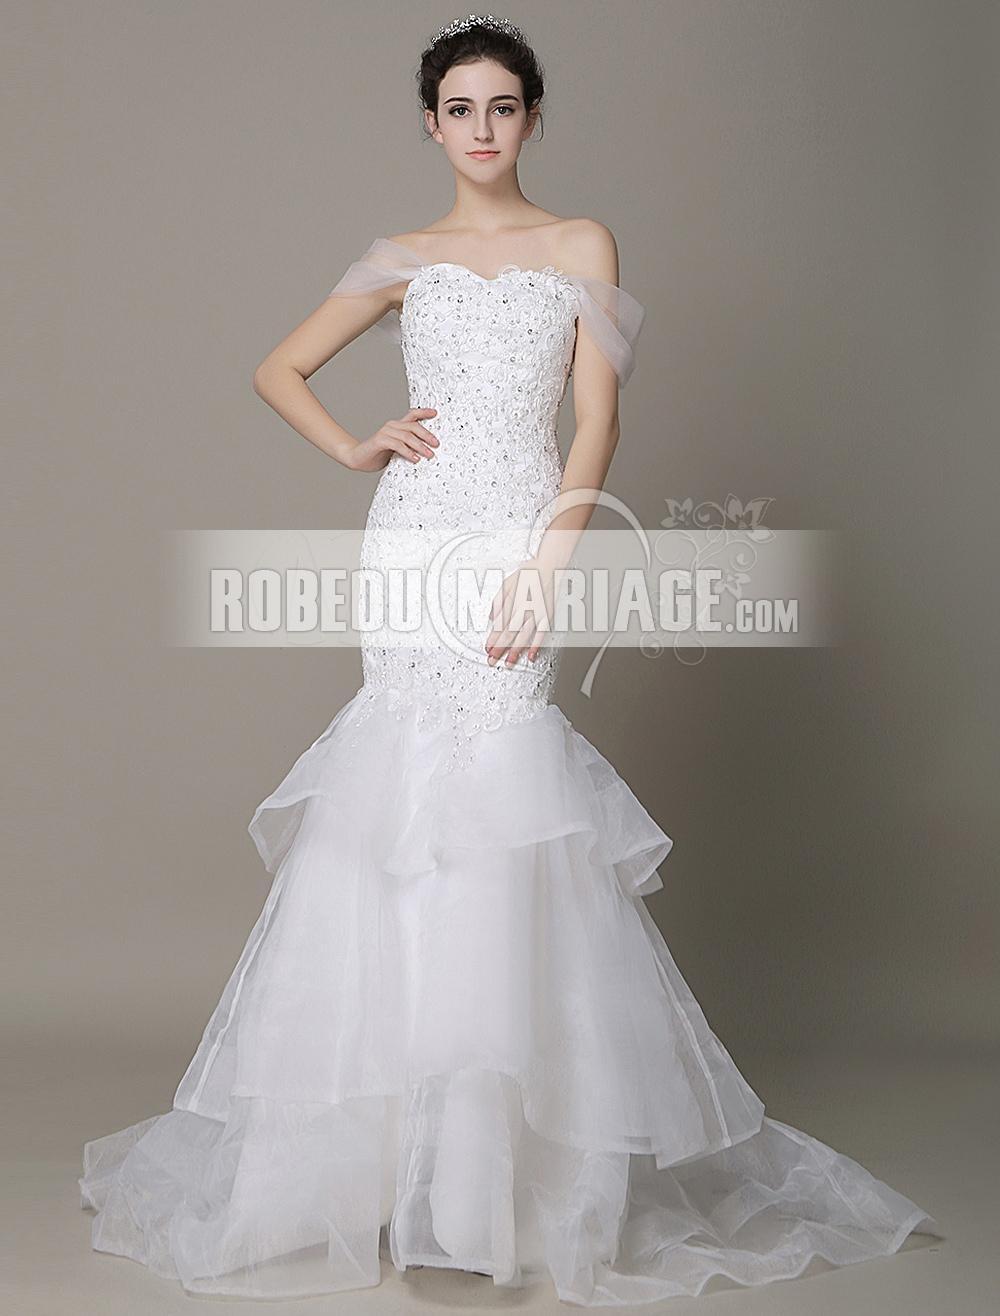 dd2a42abff2 Robe de mariée ornée de paillettes robe de mariée en sirène